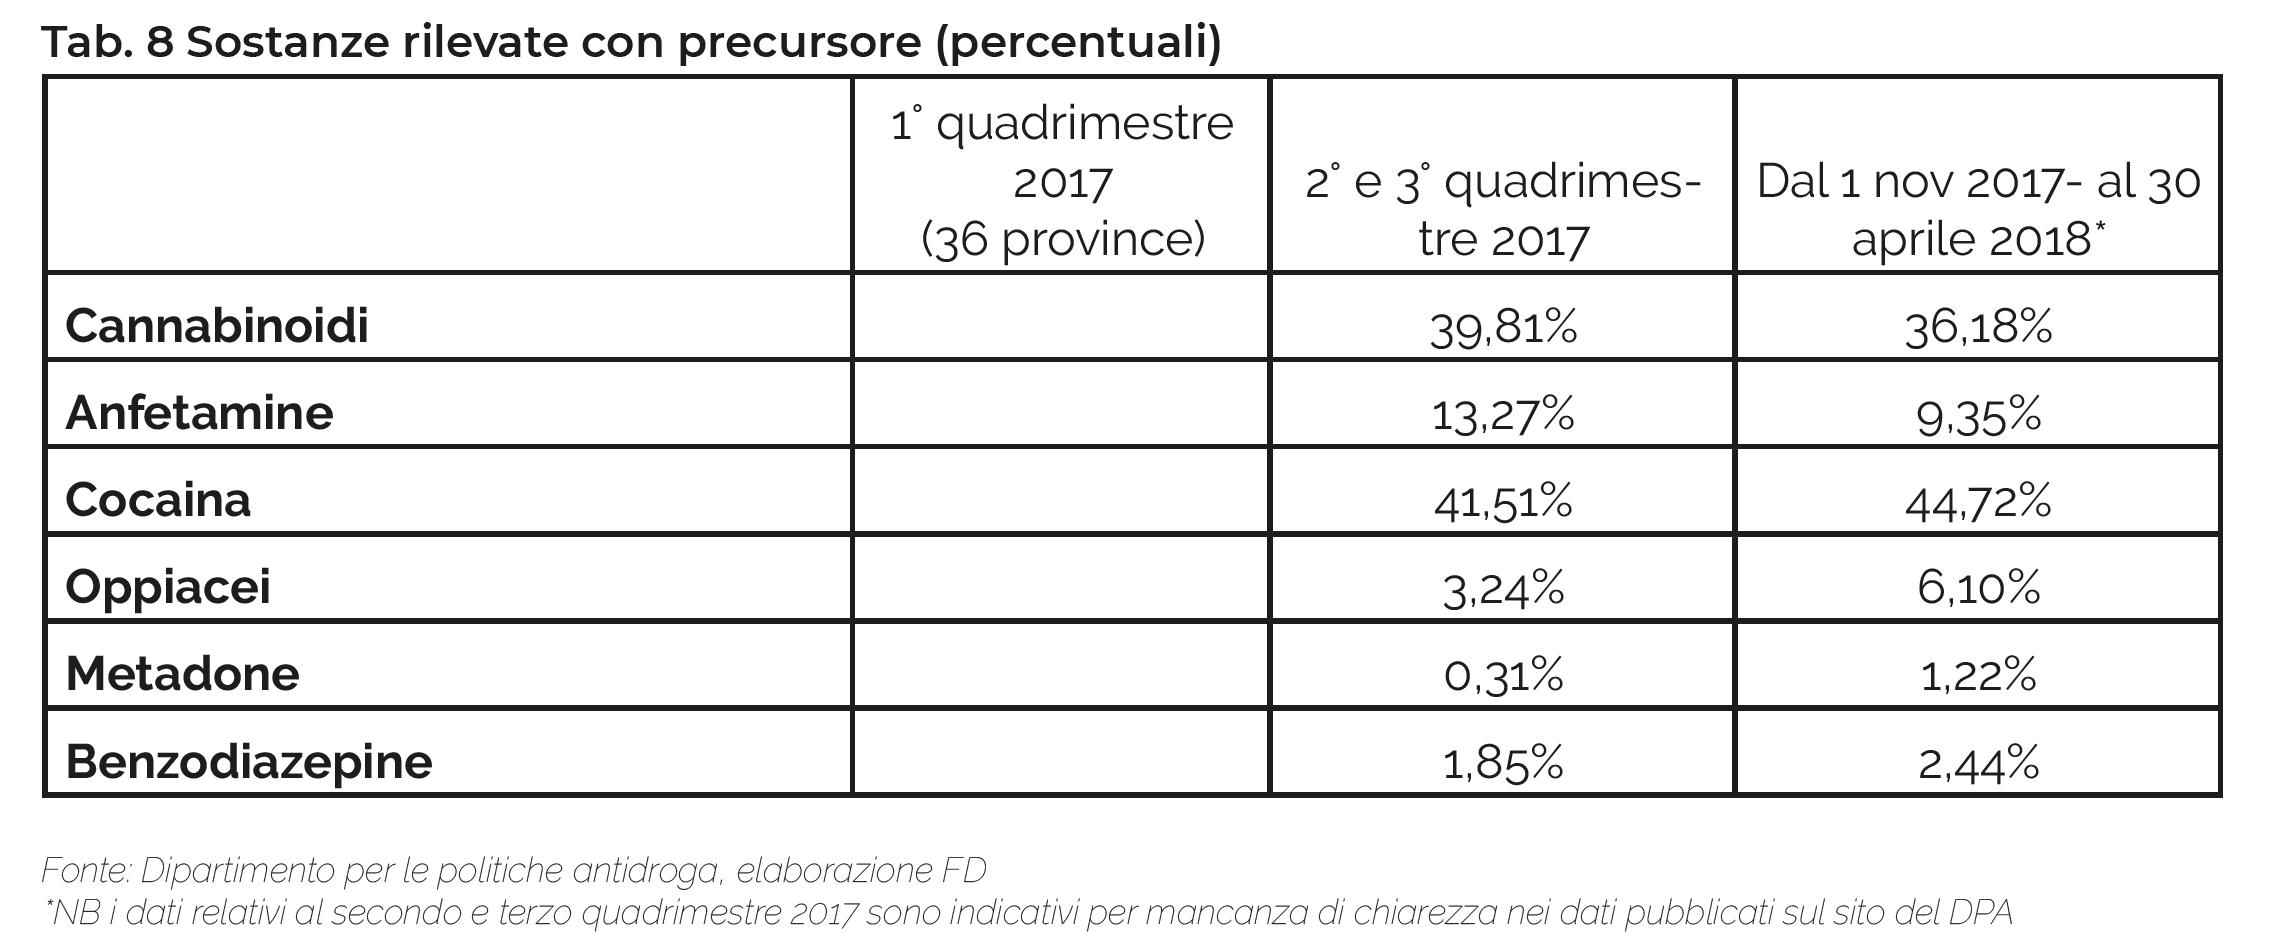 Tab. 8 Sostanze rilevate con precursore (percentuali) 1° quadrimestre 2017